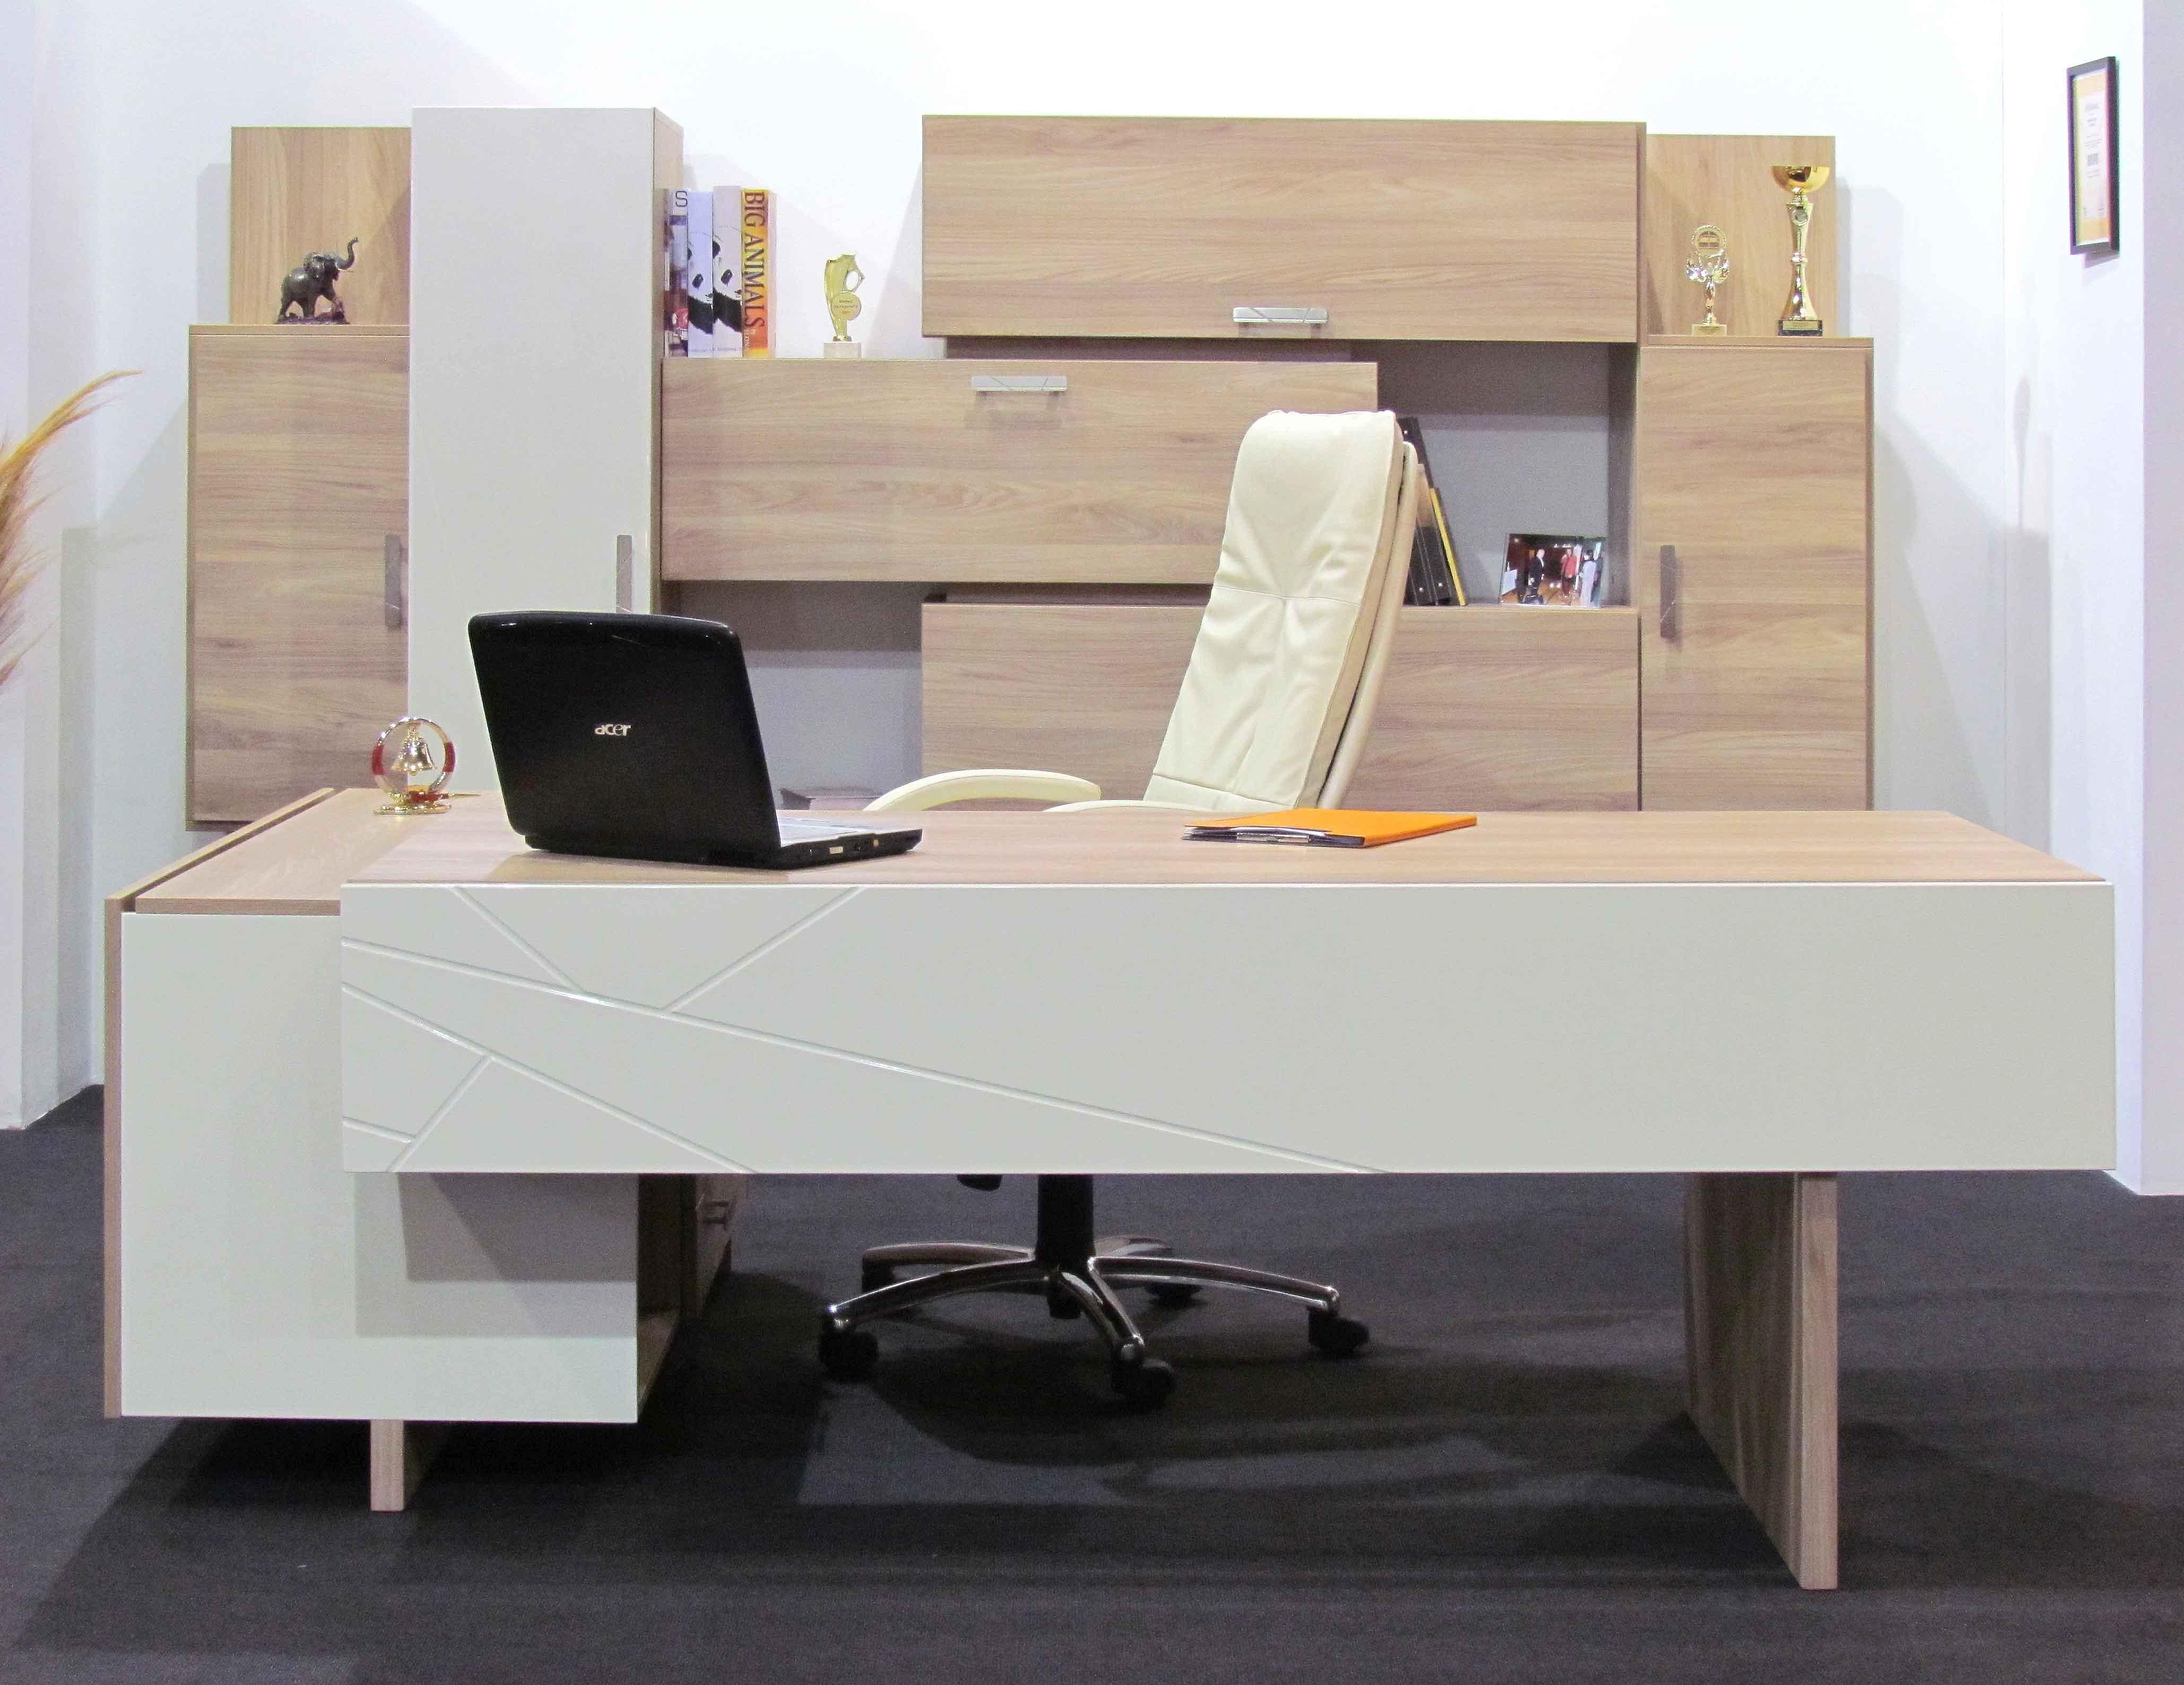 Set per stanza ufficio design 30 0 400 0 pezzi for Design stanza ufficio